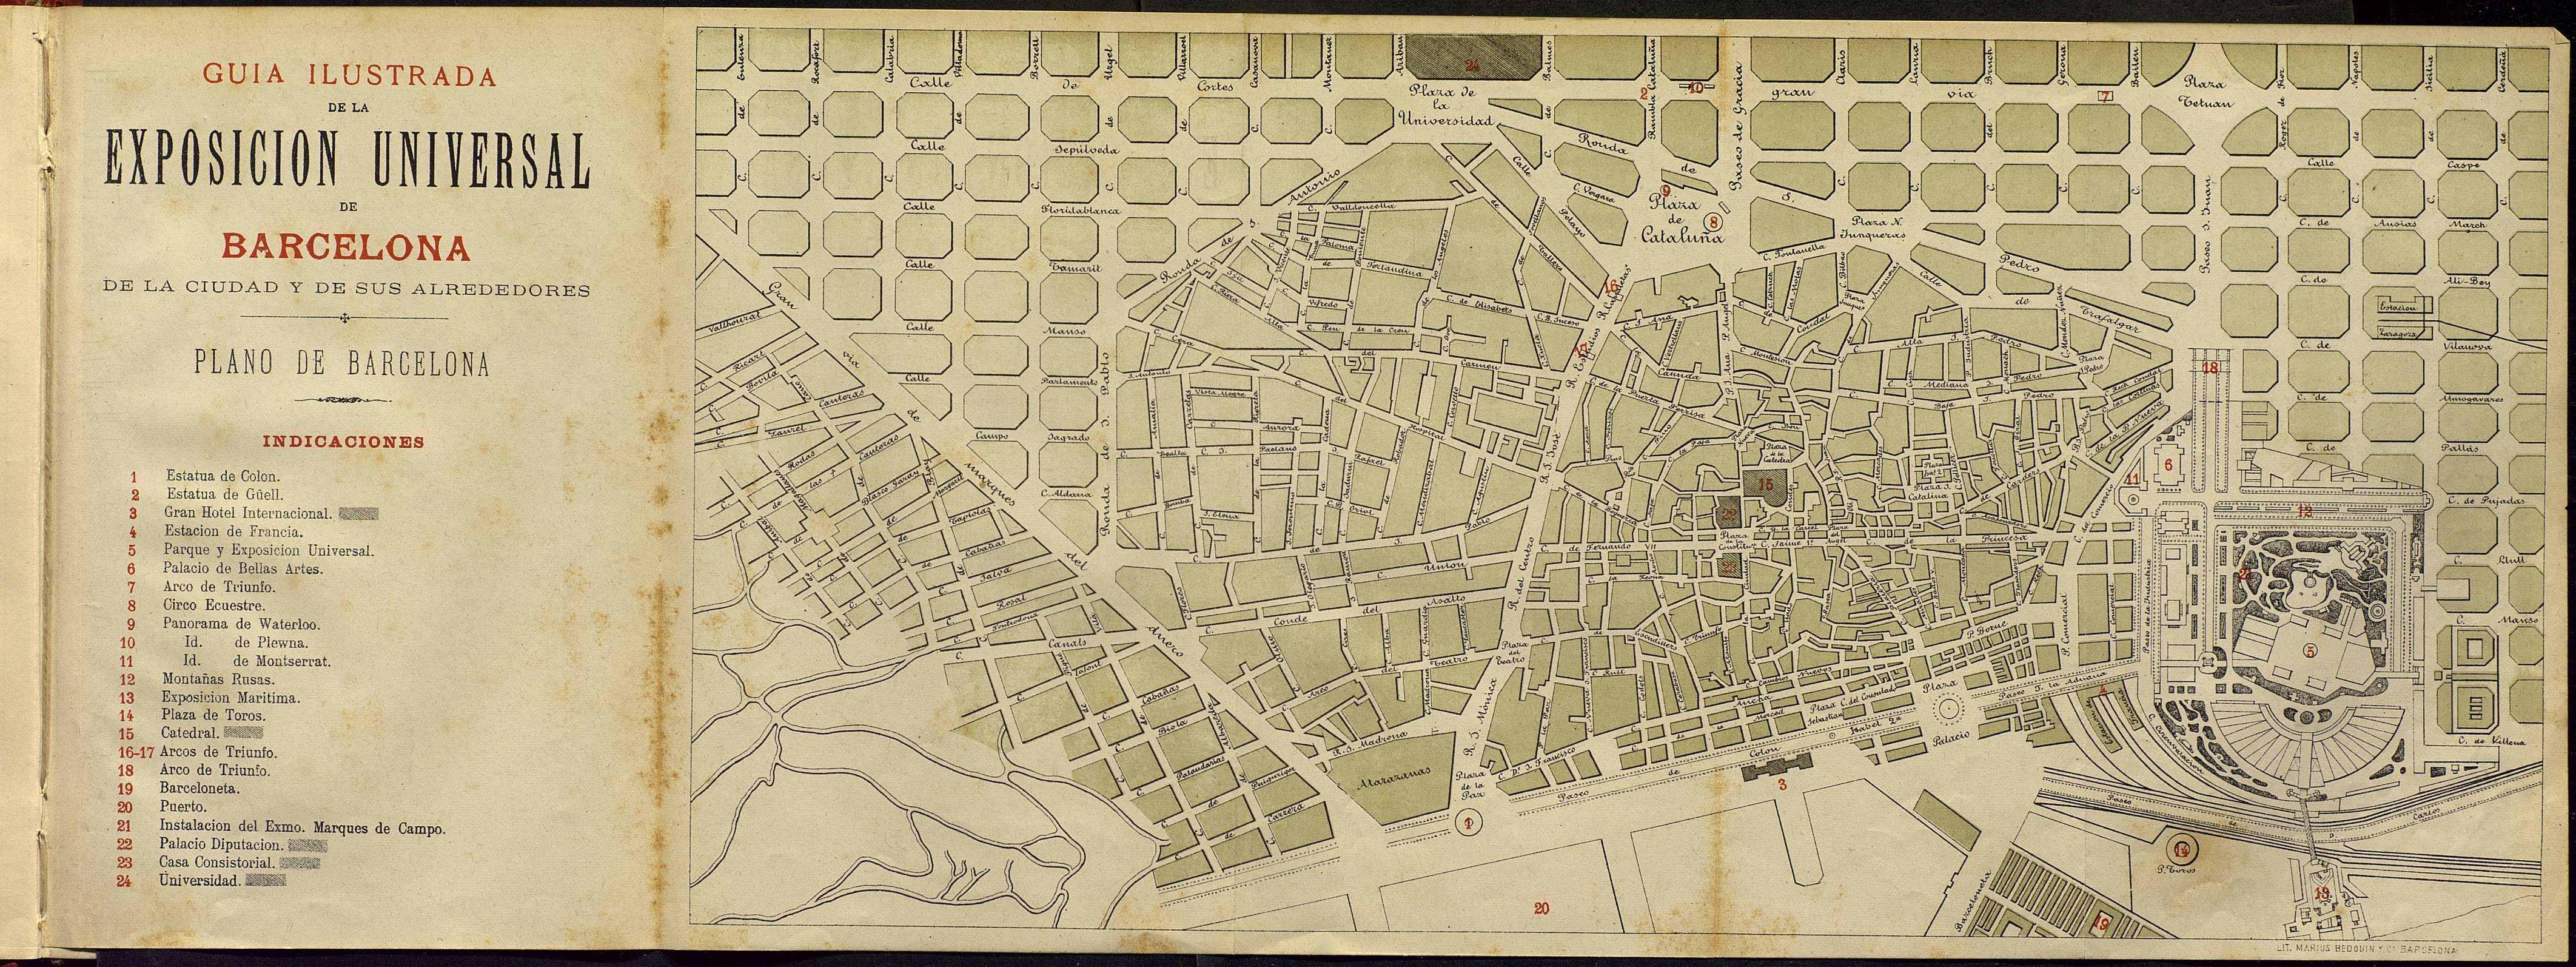 Plànol de la ciutat i del recinte de l'Exposició dins la Guía ilustrada de la Exposición Universal de   Barcelona en 1888. P. 8 bis.